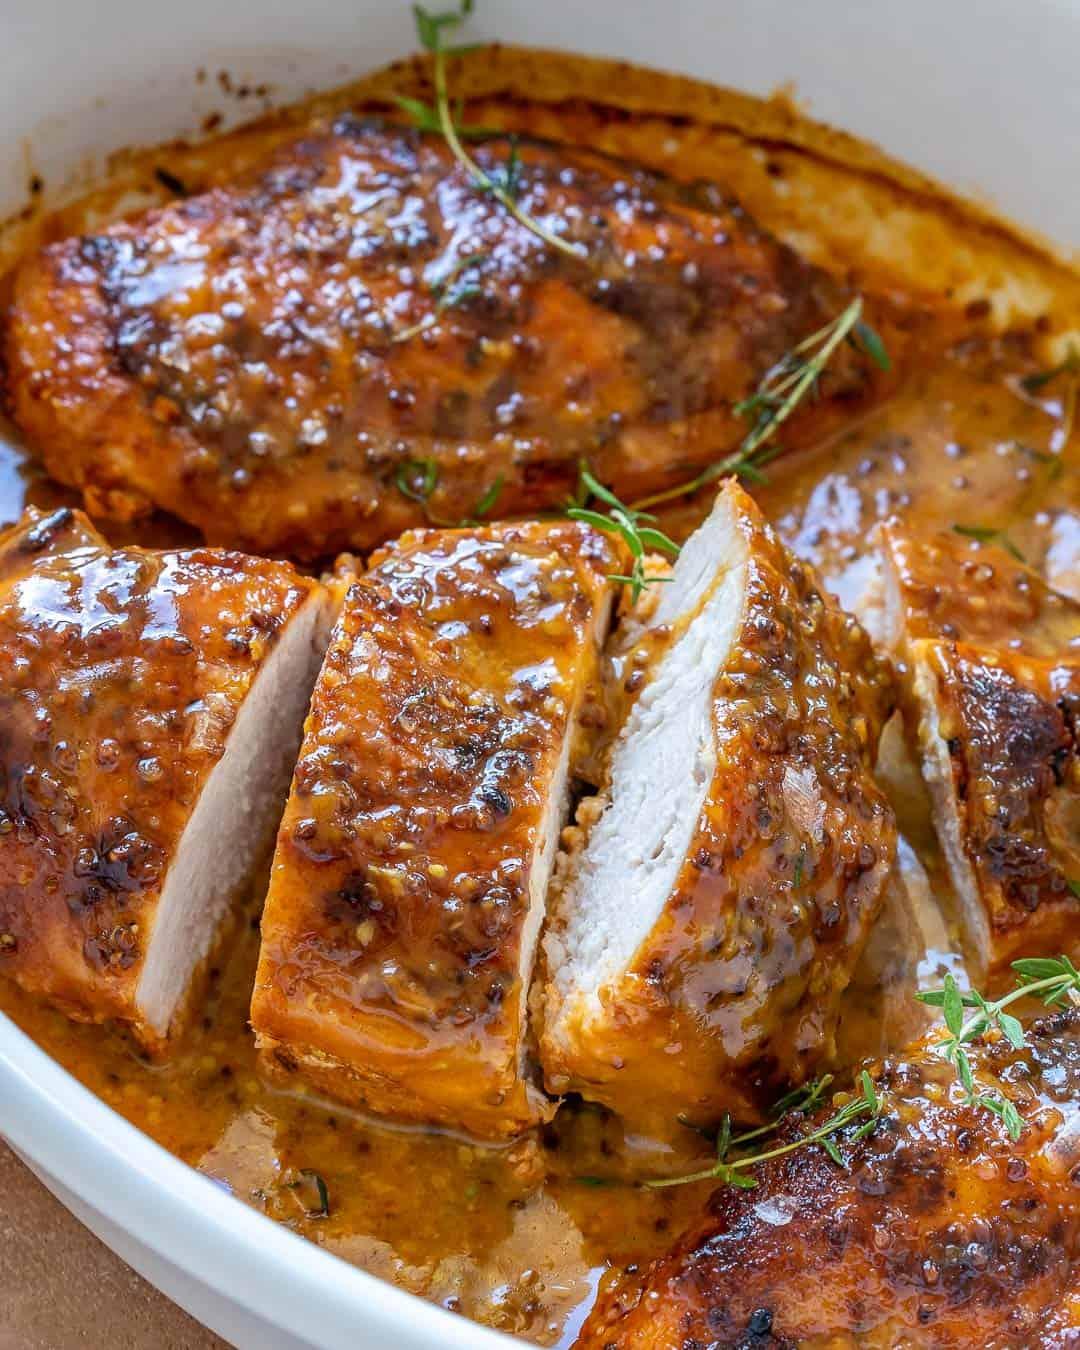 sliced mustard chicken breast in a baking dish